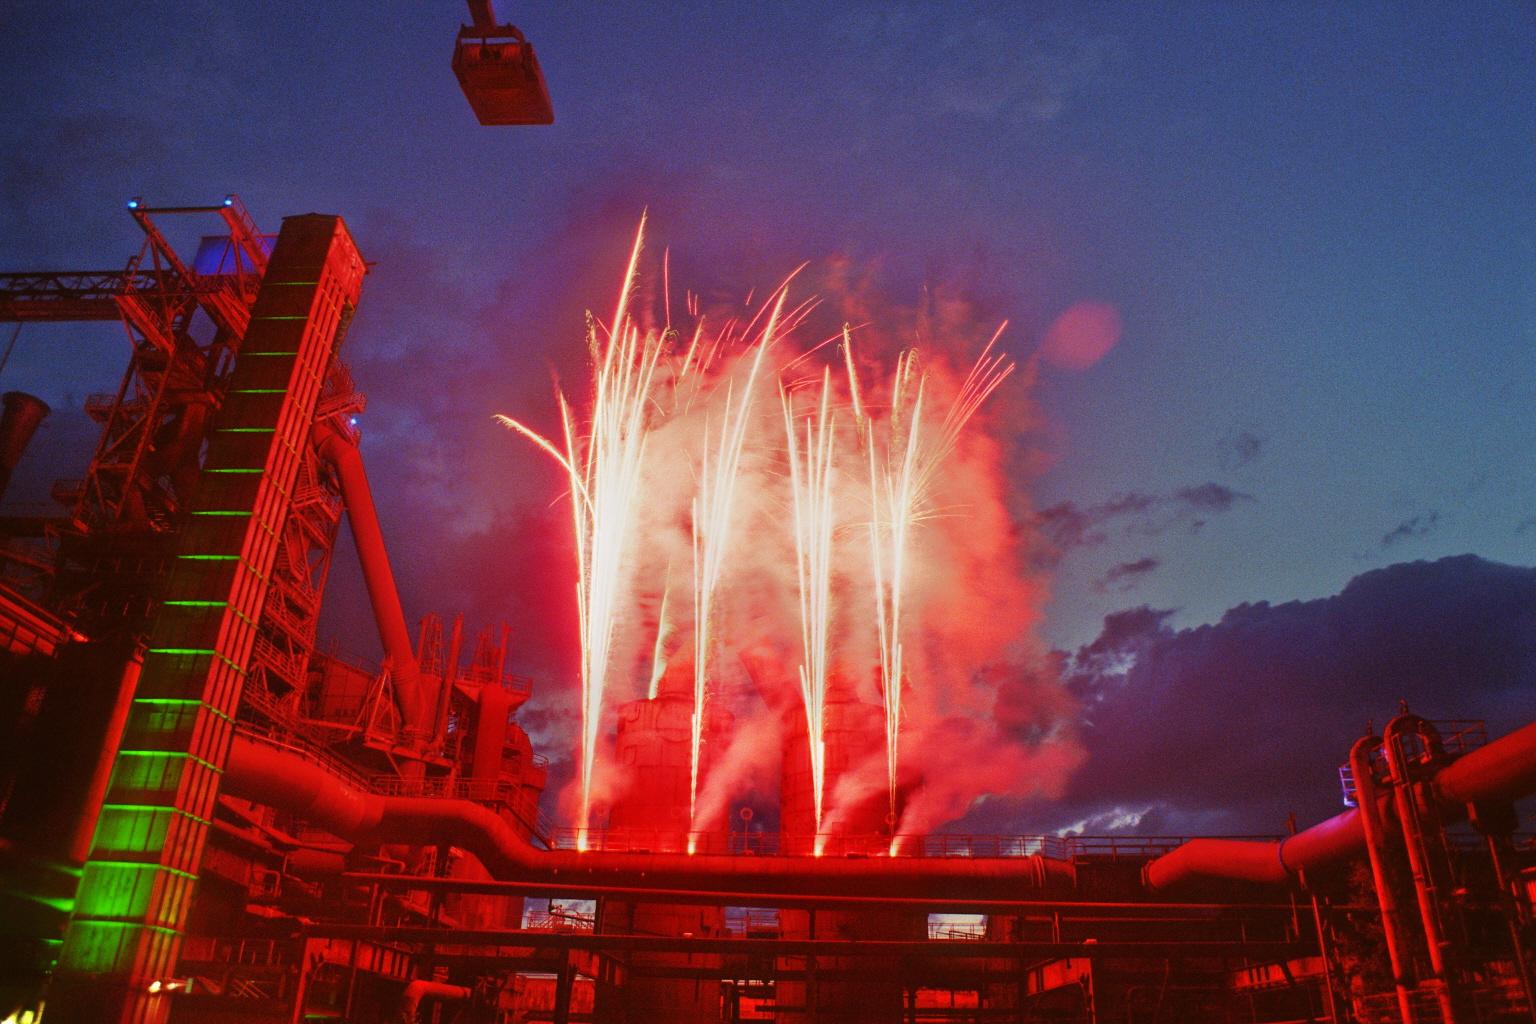 Feuerwerk im Emscher Landschaftspark Duisburg